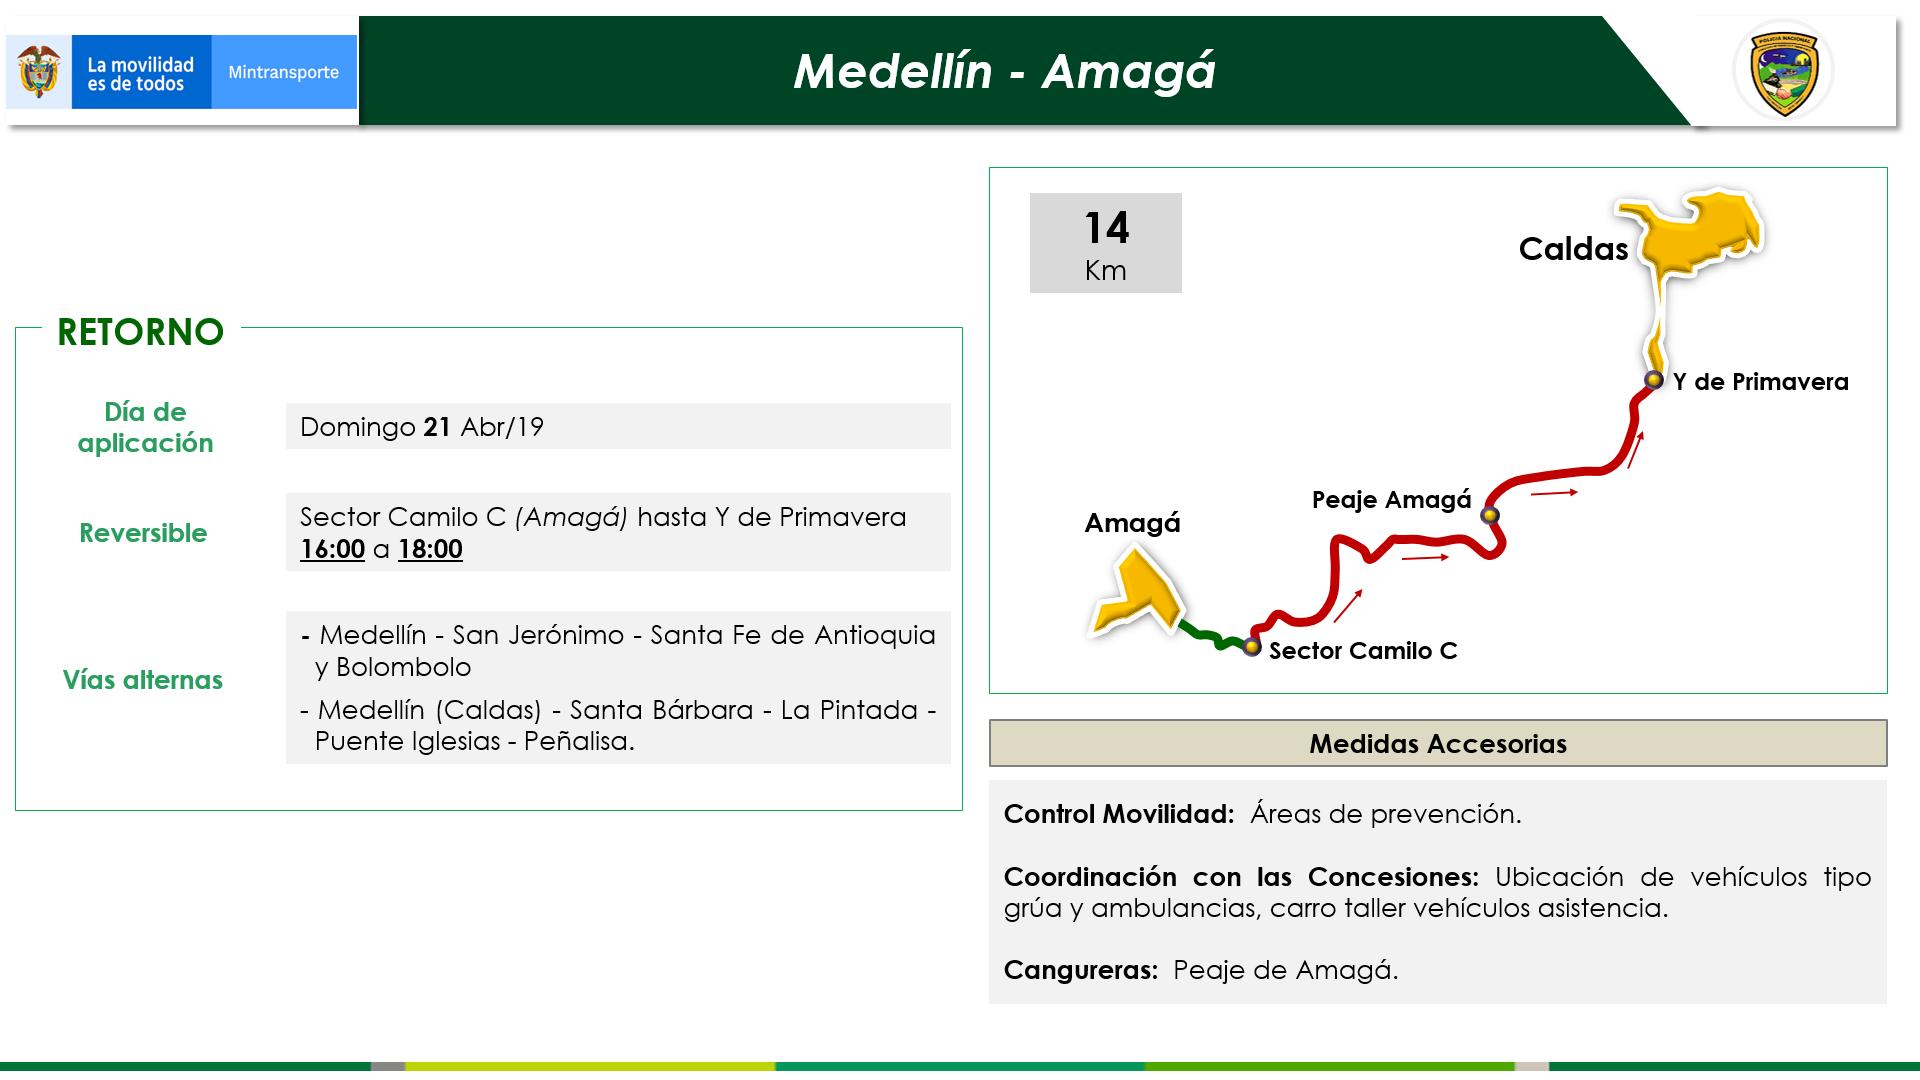 Medellín - Amagá